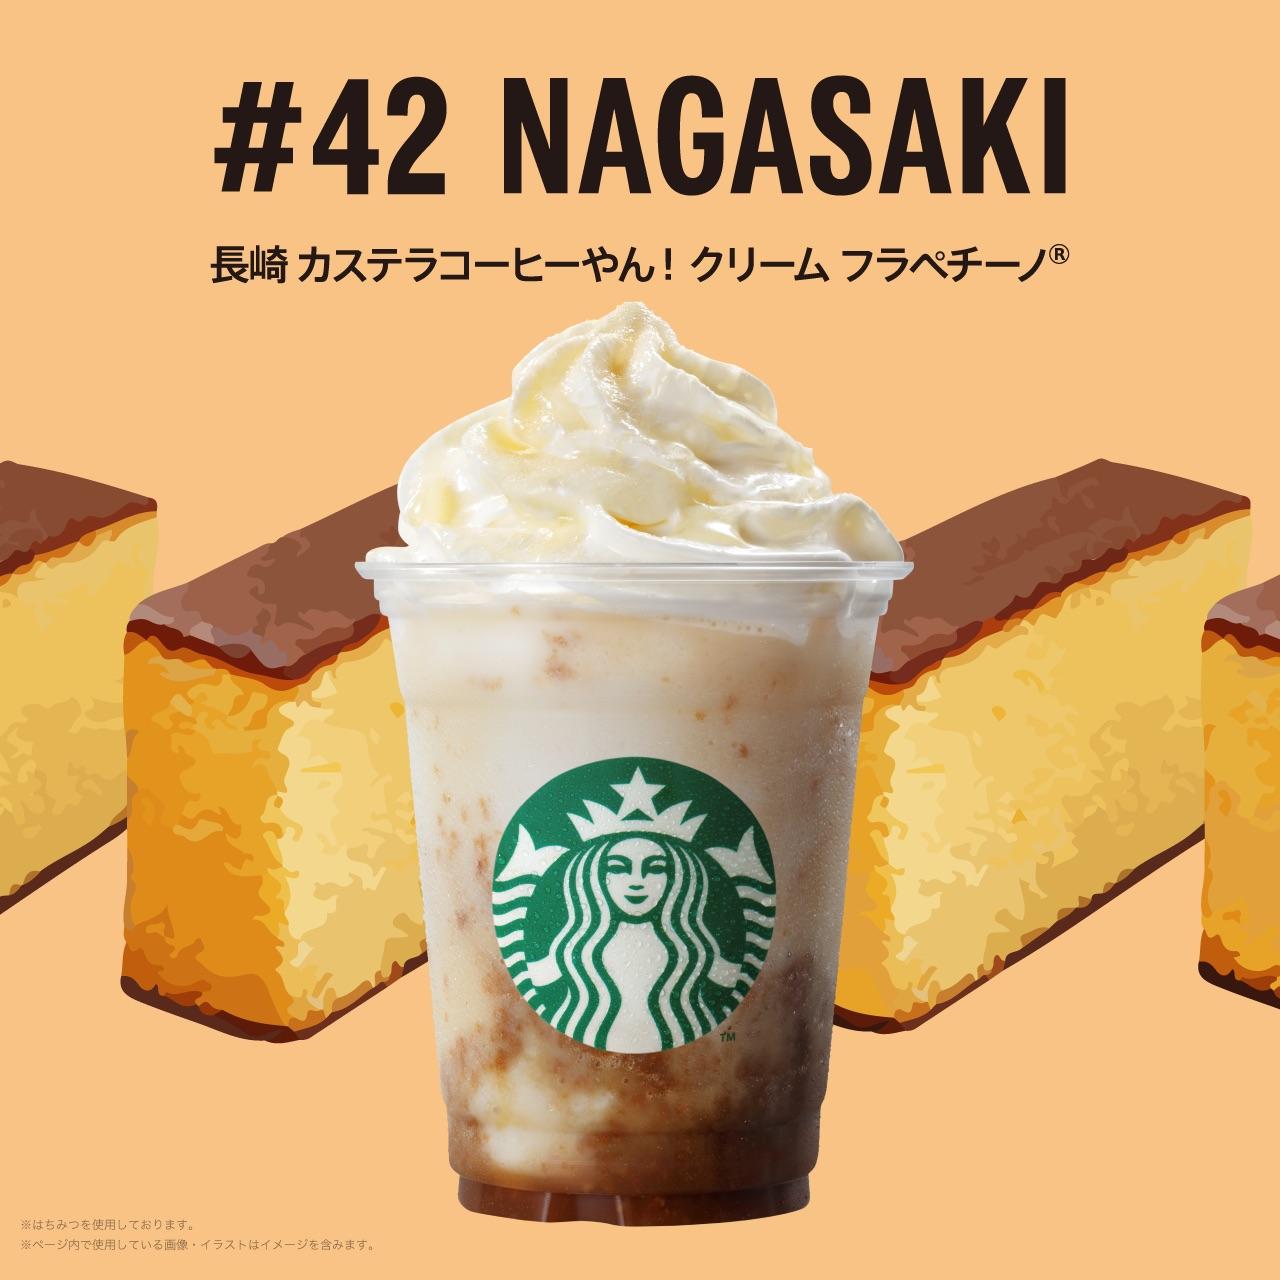 長崎 カステラコーヒーやん! クリーム フラペチーノ®